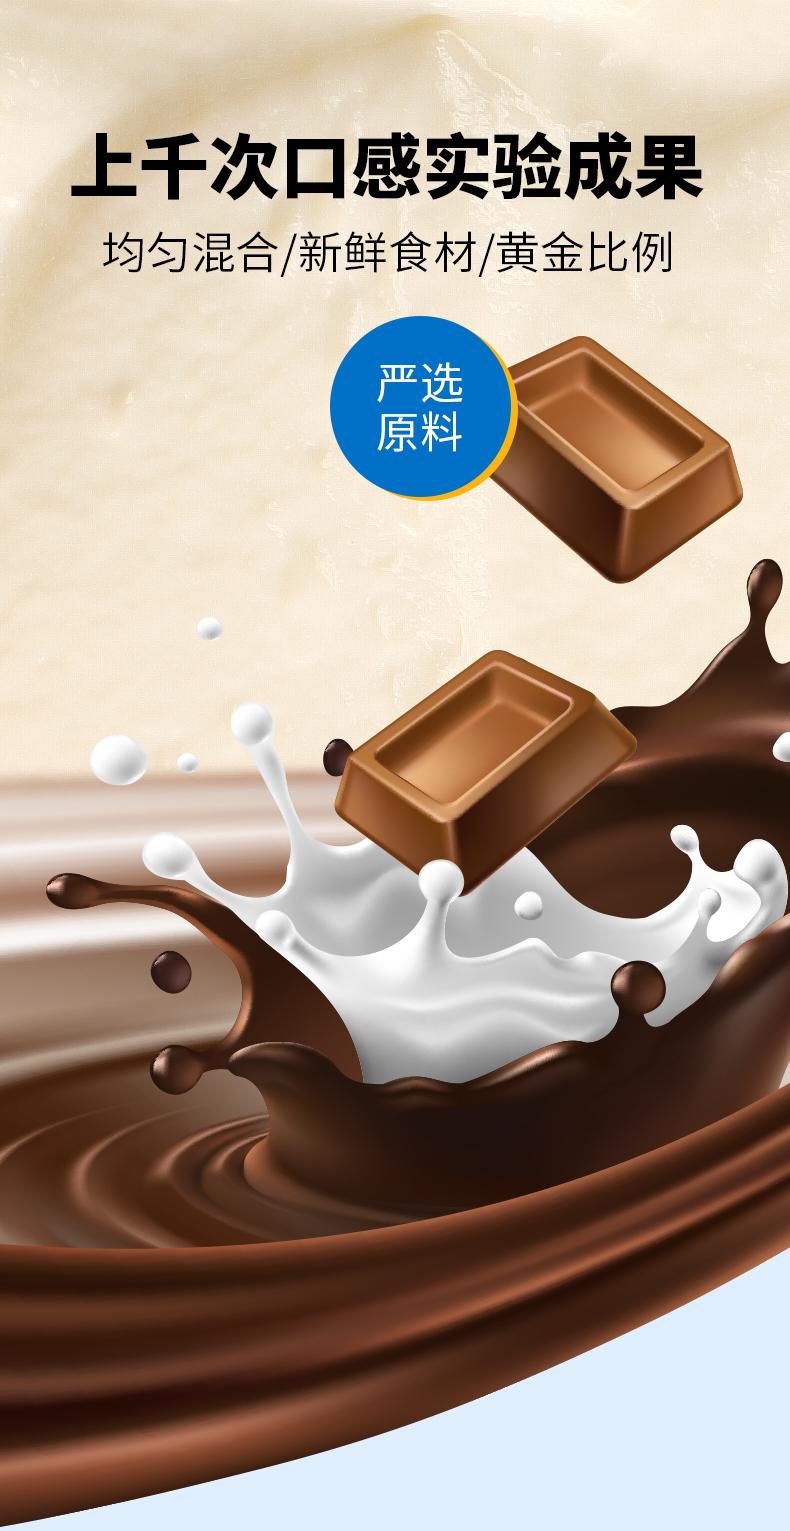 降30元!融化包赔:16支 冰雪格格 牛乳+巧克力雪糕 69元包邮(折合4.9元/支) 买手党-买手聚集的地方